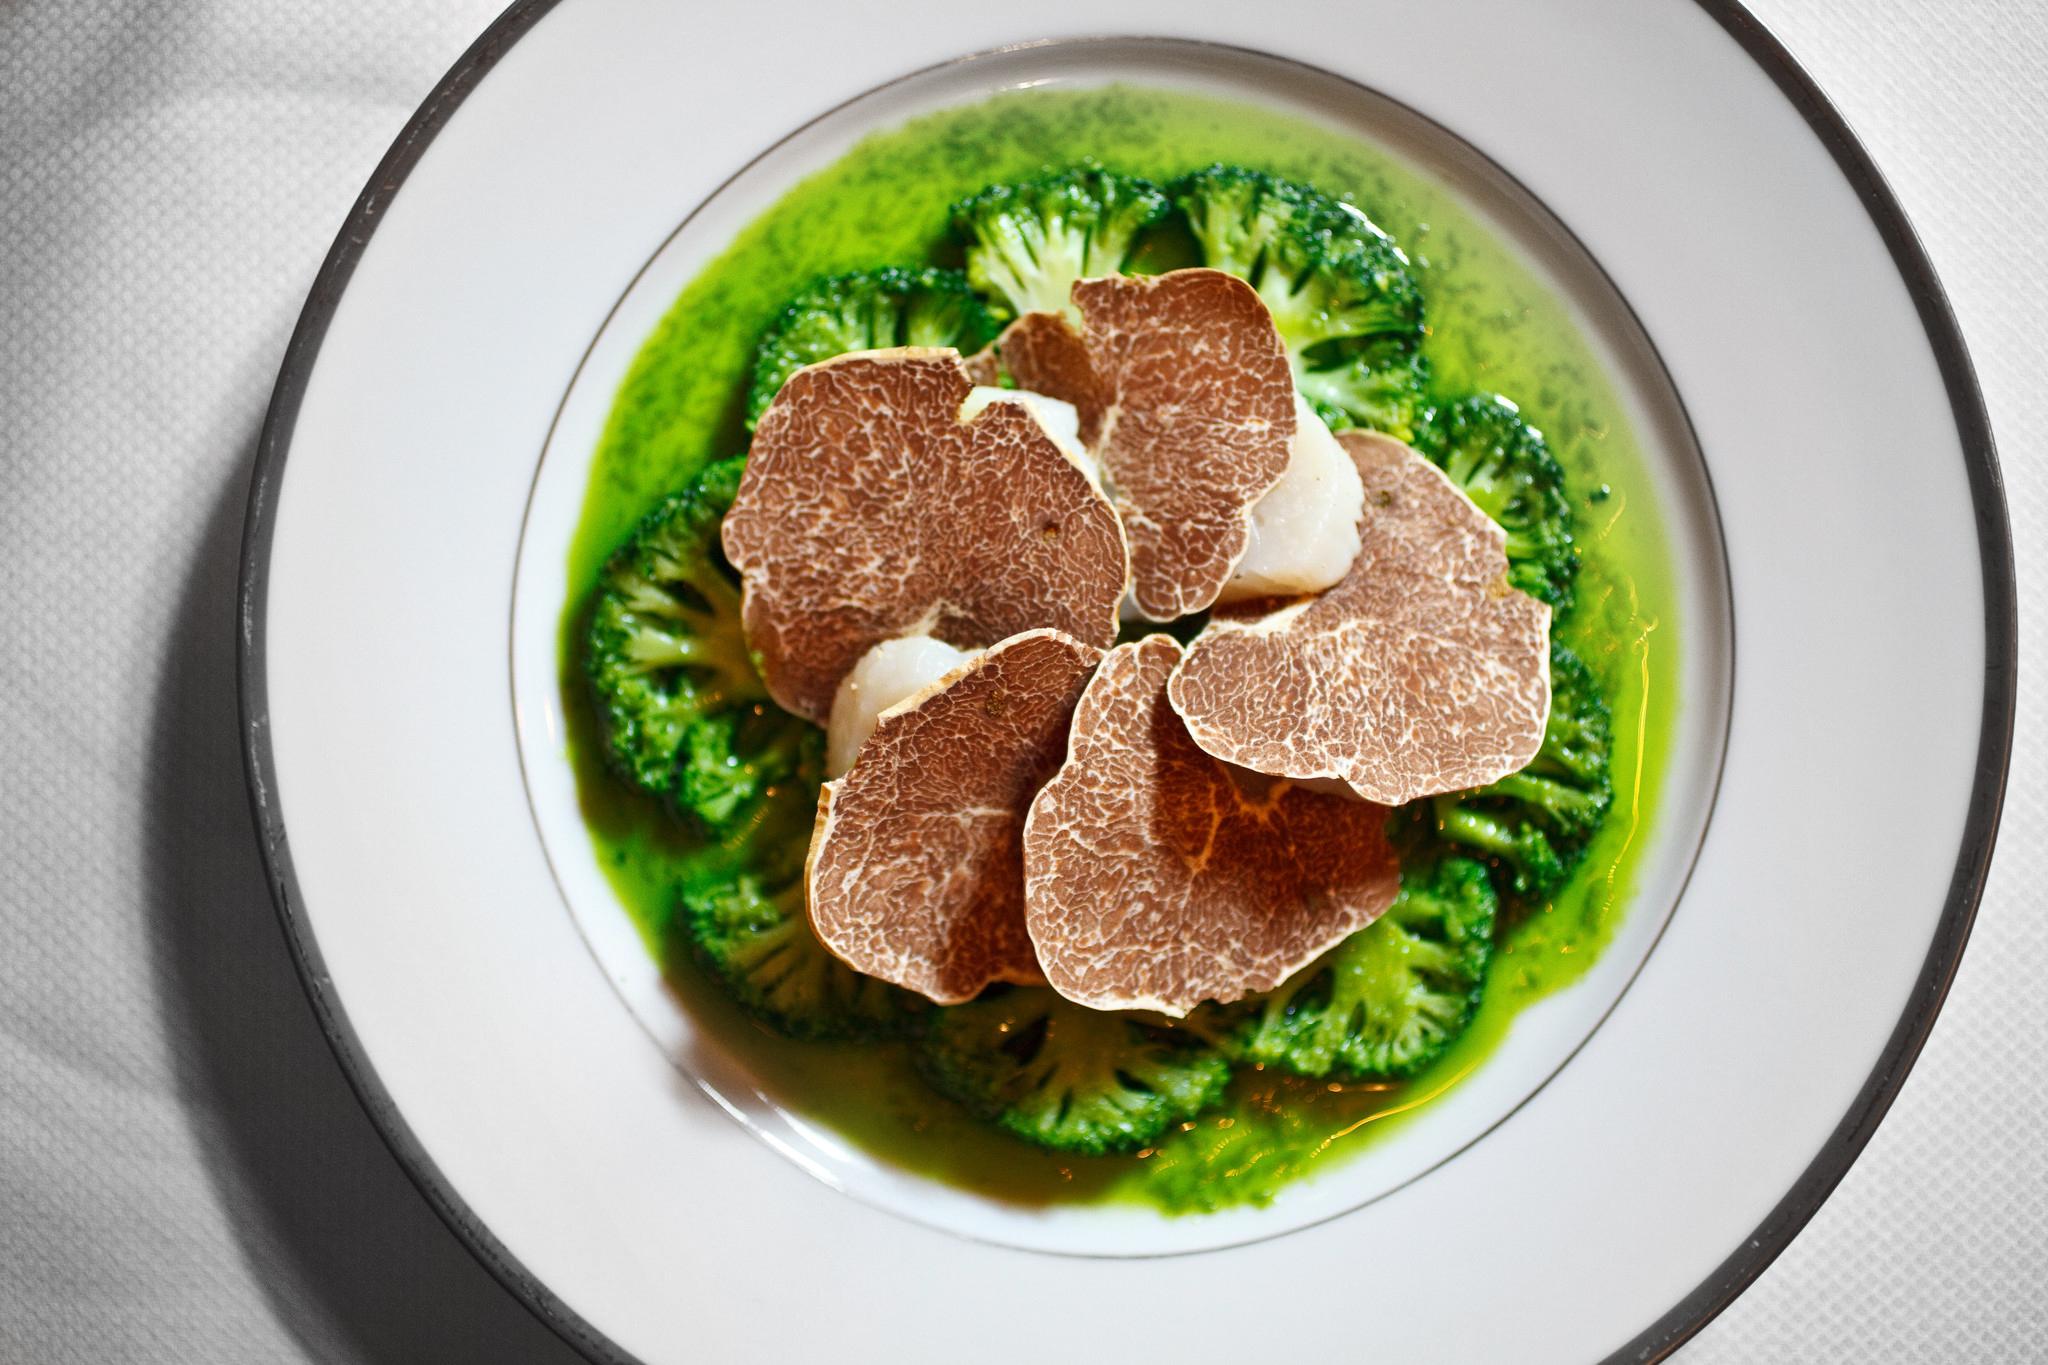 Corolle de noix de Saint-Jqcques et brocoli à la truffe blanche d'Alba, Overhead